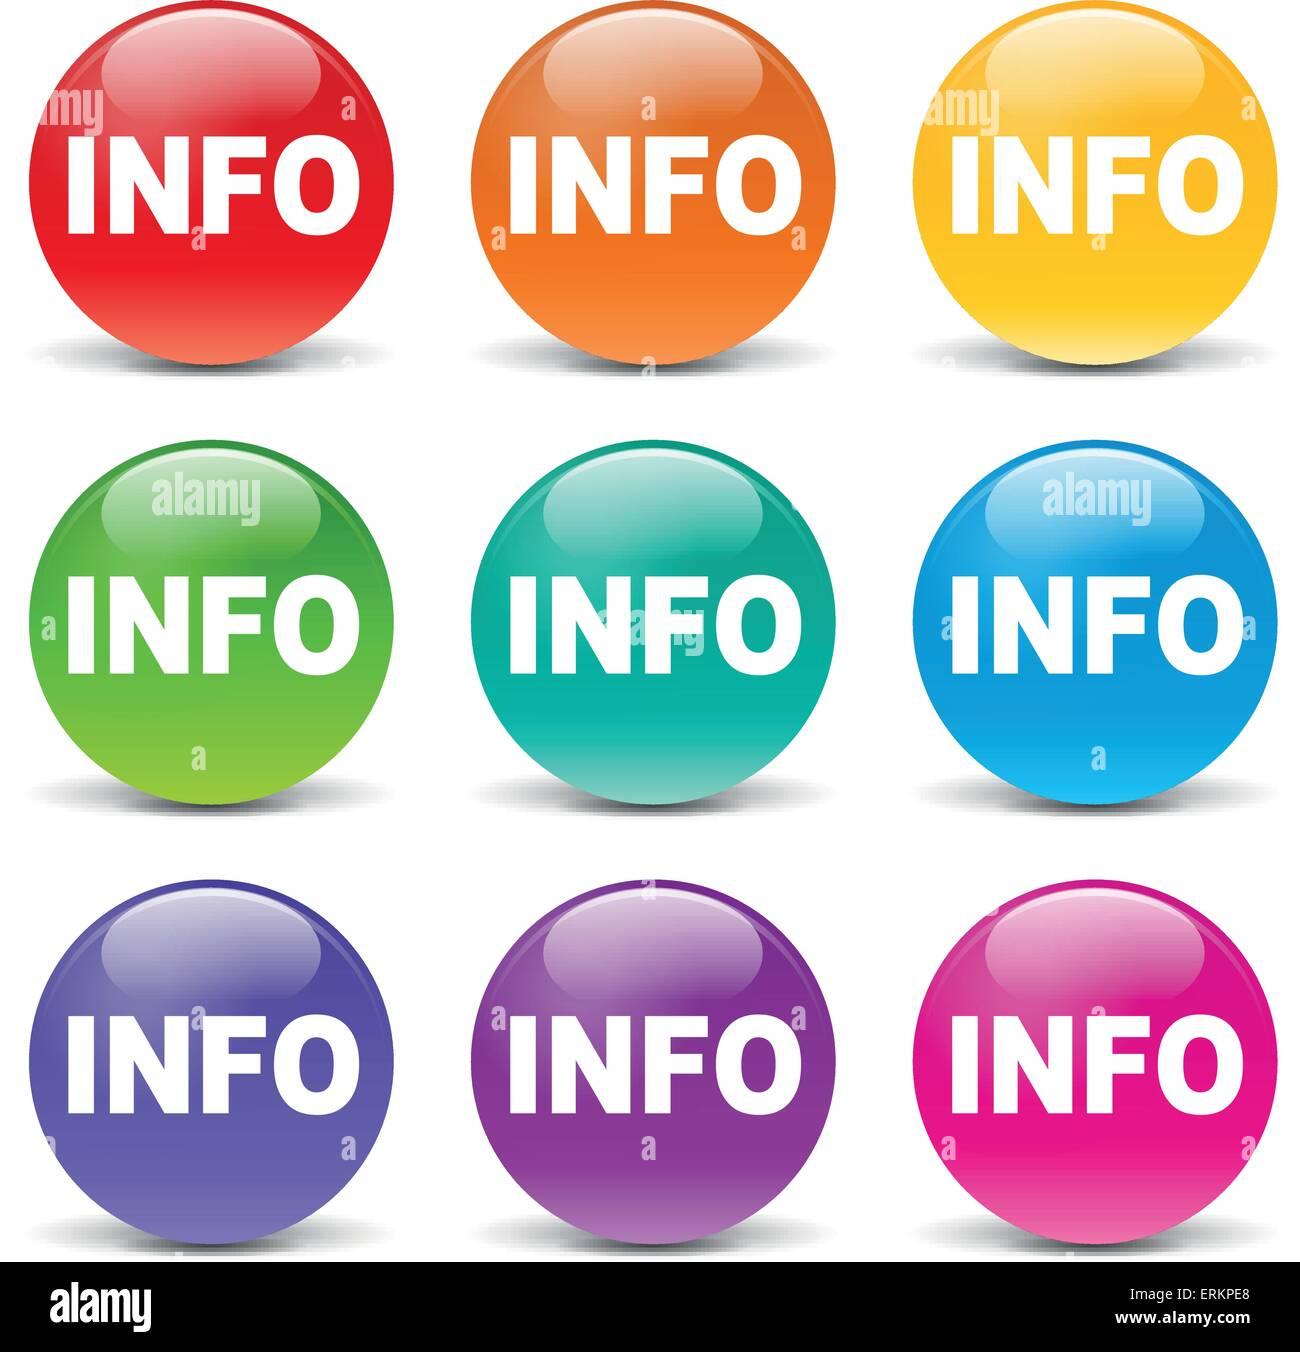 Vektor-Illustration Info Farben Symbole auf weißem Hintergrund Stockbild